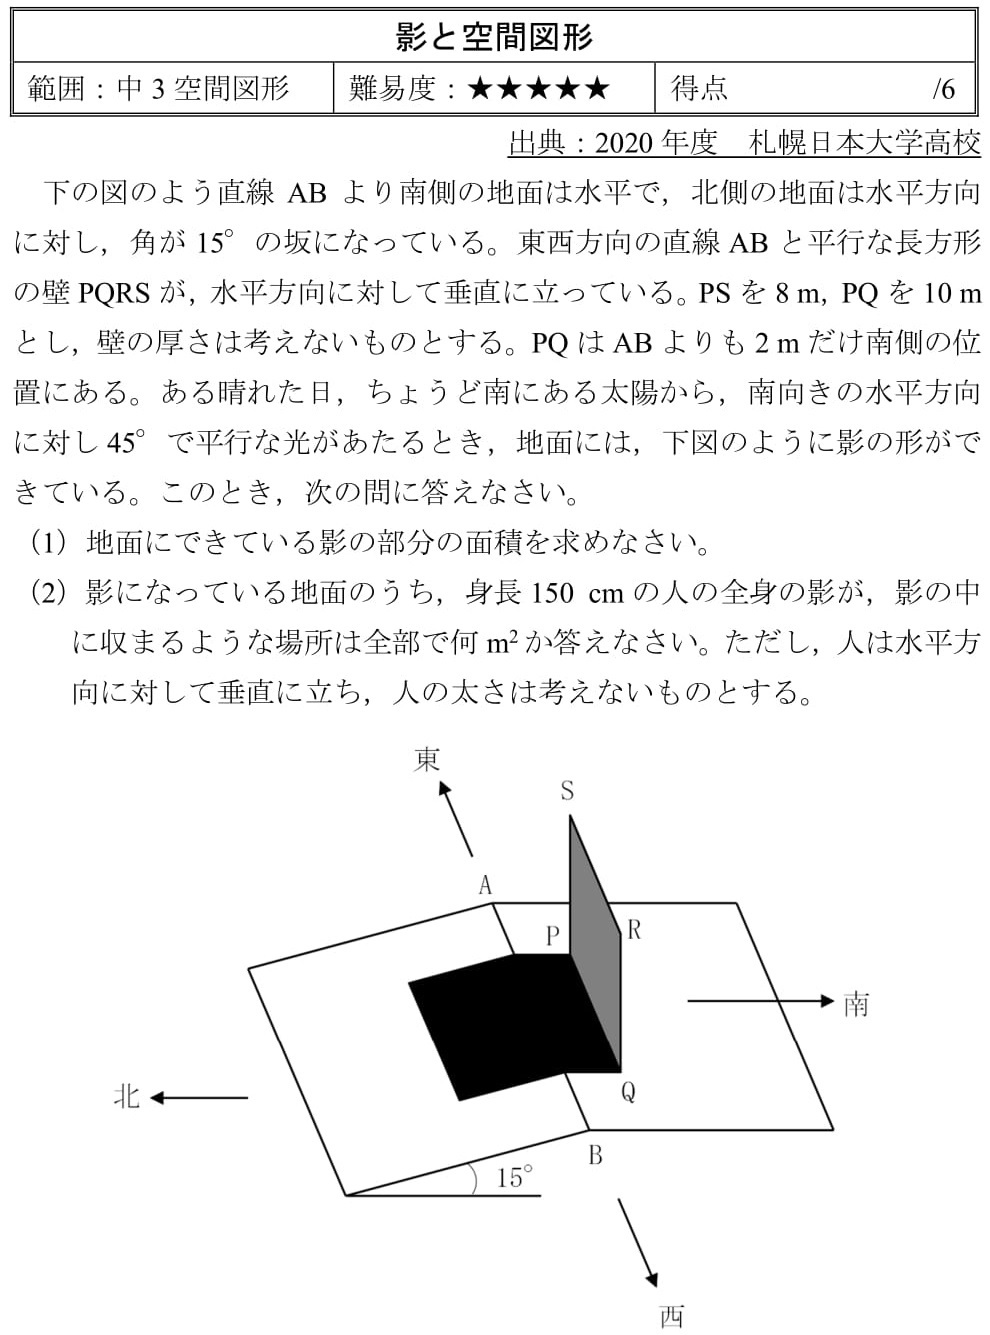 2020年 札幌日大 空間図形 過去問 難問 影 解答 解説